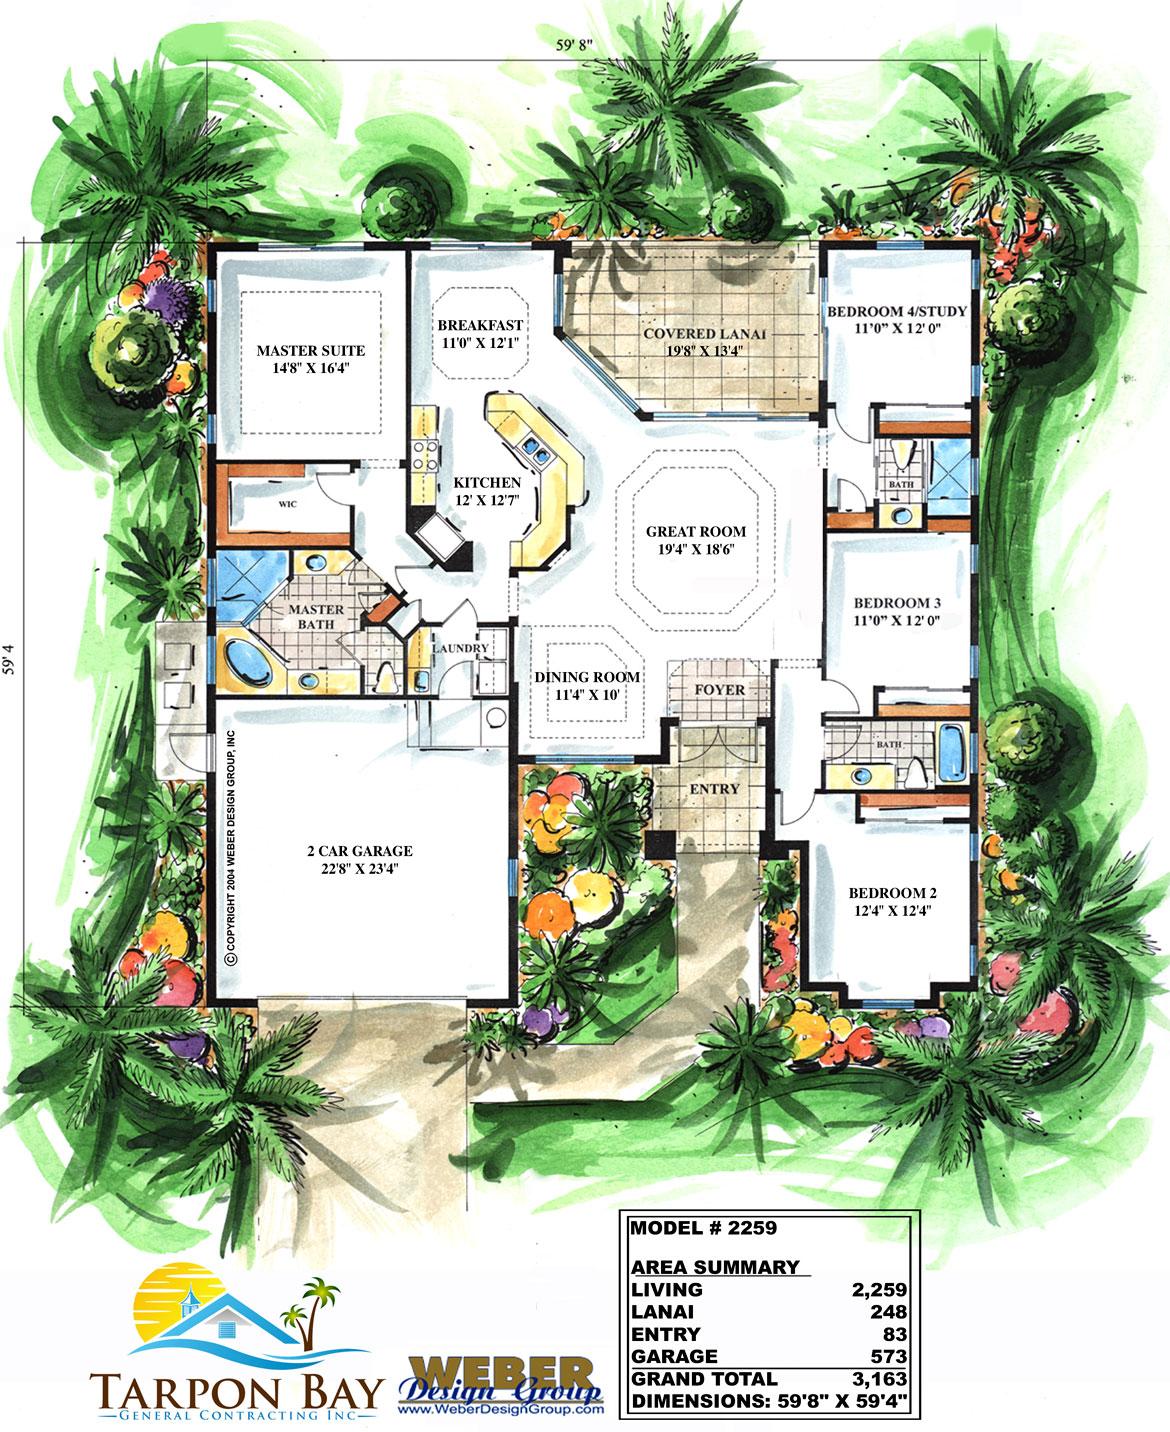 Home Model 2259 - Floor Plan